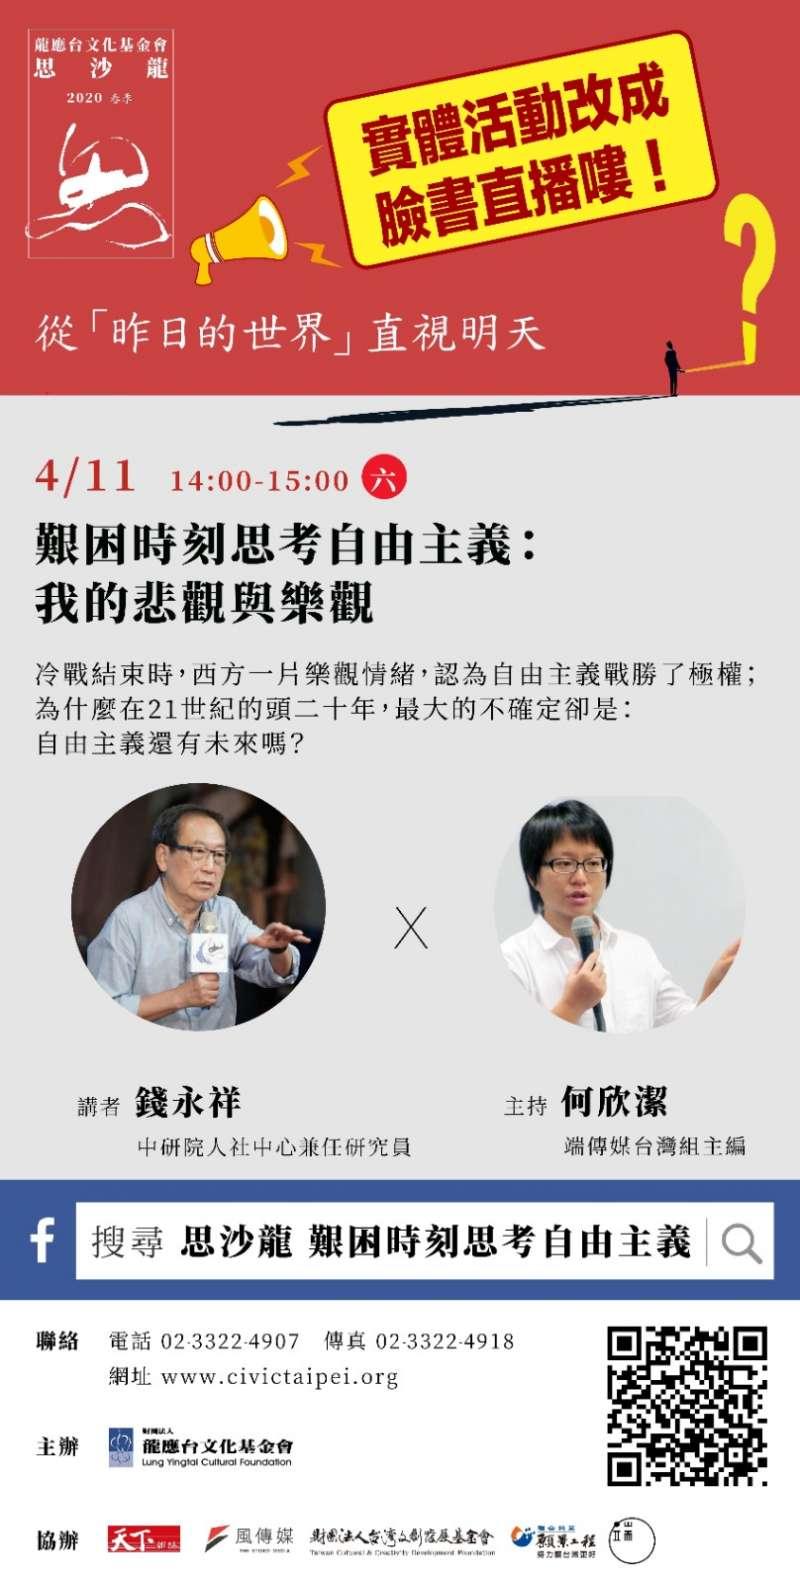 龍應台文化基金會11日將舉辦線上論壇「艱困時刻思考自由主義:我的悲觀與樂觀」。(龍應台文化基金會提供)